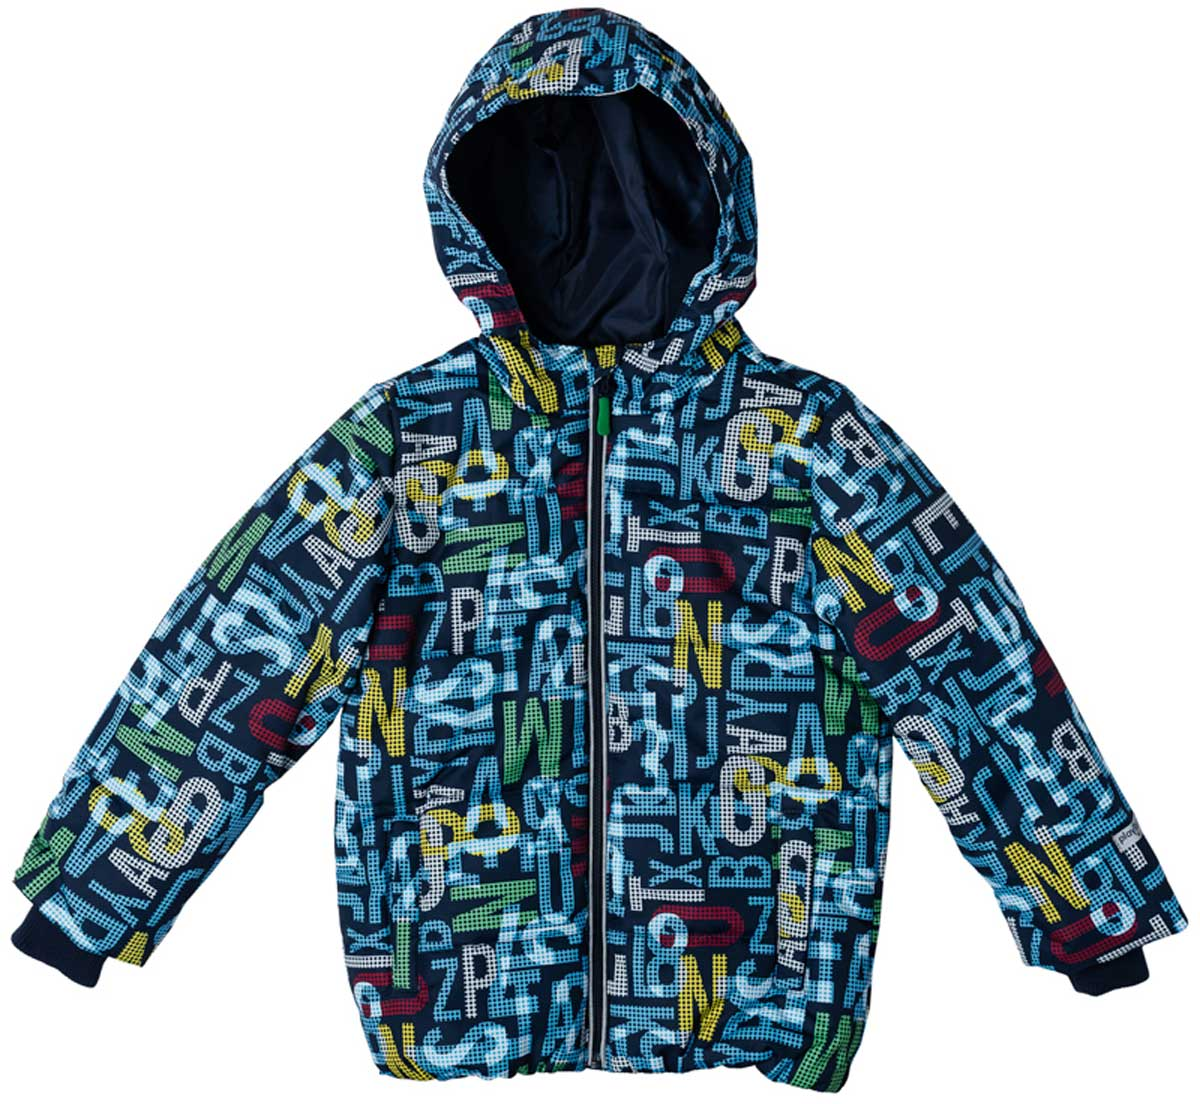 Куртка для мальчика PlayToday, цвет: темно-синий, голубой, темно-зеленый, темно-красный. 171001. Размер 122171001Практичная утепленная куртка со специальной водоотталкивающей пропиткой защитит вашего ребенка в любую погоду! Мягкие трикотажные резинки на рукавах защитят вашего ребенка - ветер не сможет проникнуть под куртку. Специальный карман для фиксации застежки-молнии не позволит застежке травмировать нежную детскую кожу. Даже у самого активного ребенка капюшон не спадет с головы за счет удобного регулируемого шнура - кулиски. Модель снабжена светоотражателями на рукаве и по низу изделия - ваш ребенок будет виден даже в темное время суток